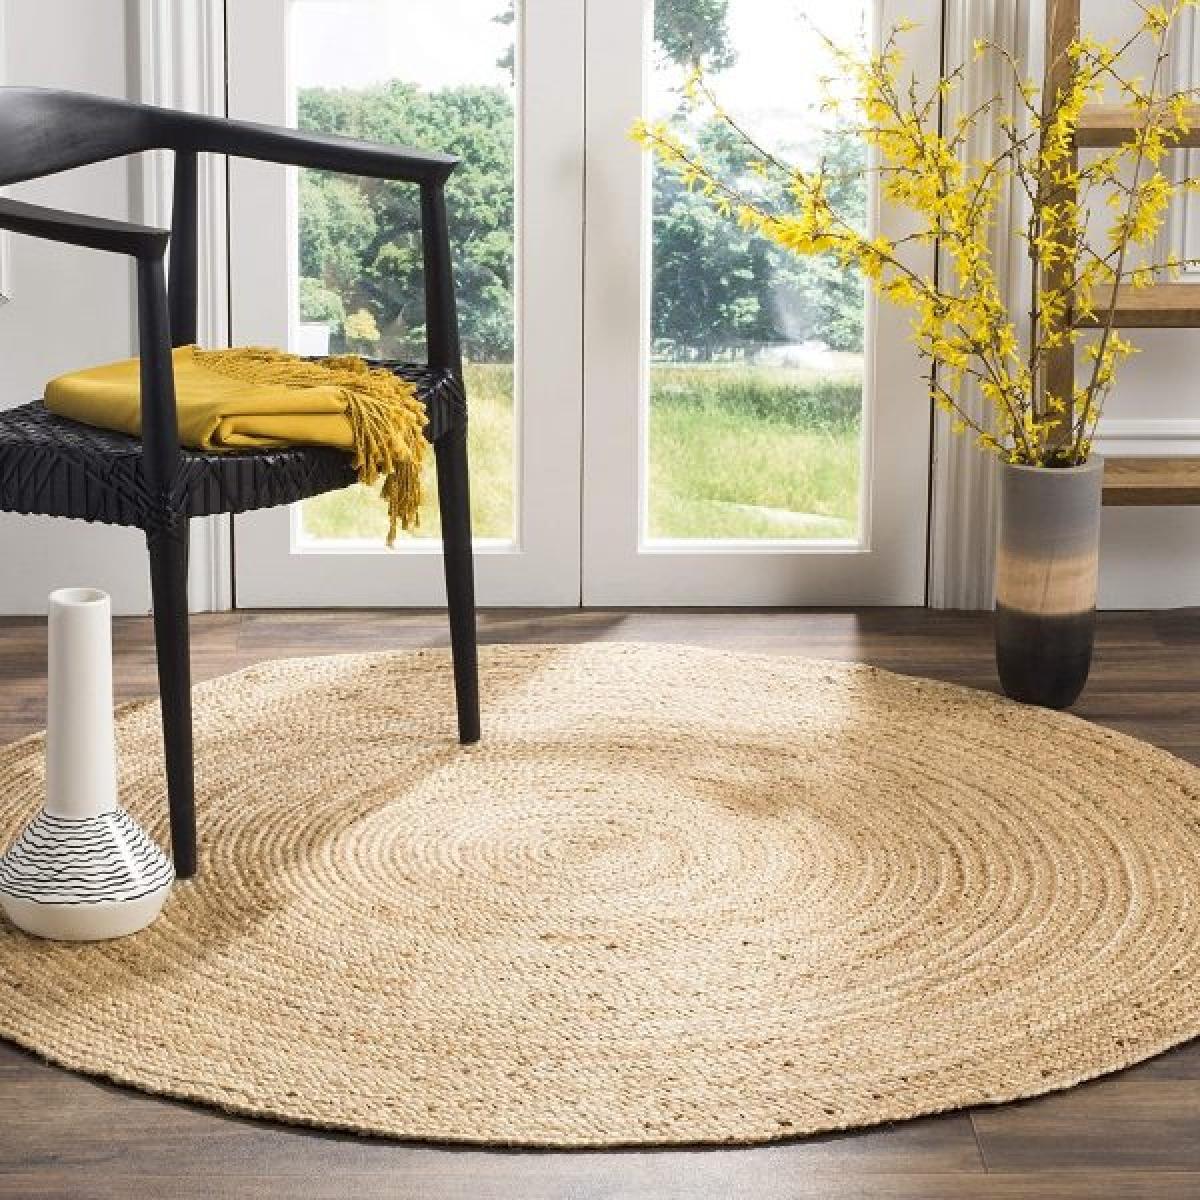 Tấm thảm cói có giá thành vừa phải, mộc mạc, hoà hợp với các căn nhà ở đồng quê hoặc homestay.